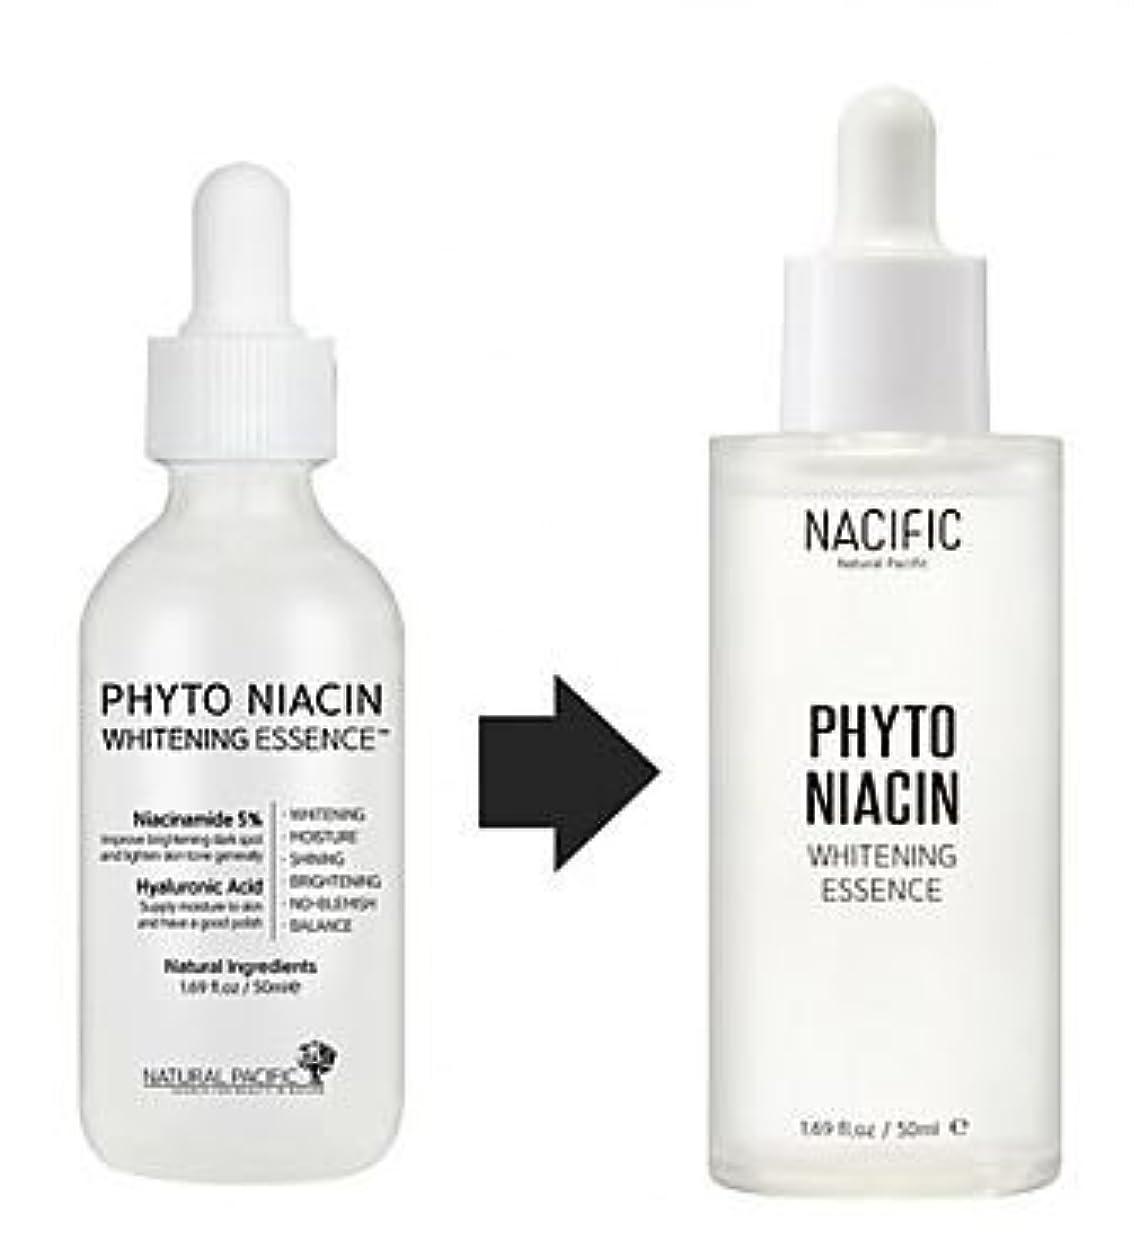 影響不快なアルファベット[NACIFIC]Phyto Niacin Whitening Essence 50ml/ナチュラルパシフィック フィト ナイアシン ホワイトニング エッセンス 50ml [並行輸入品]